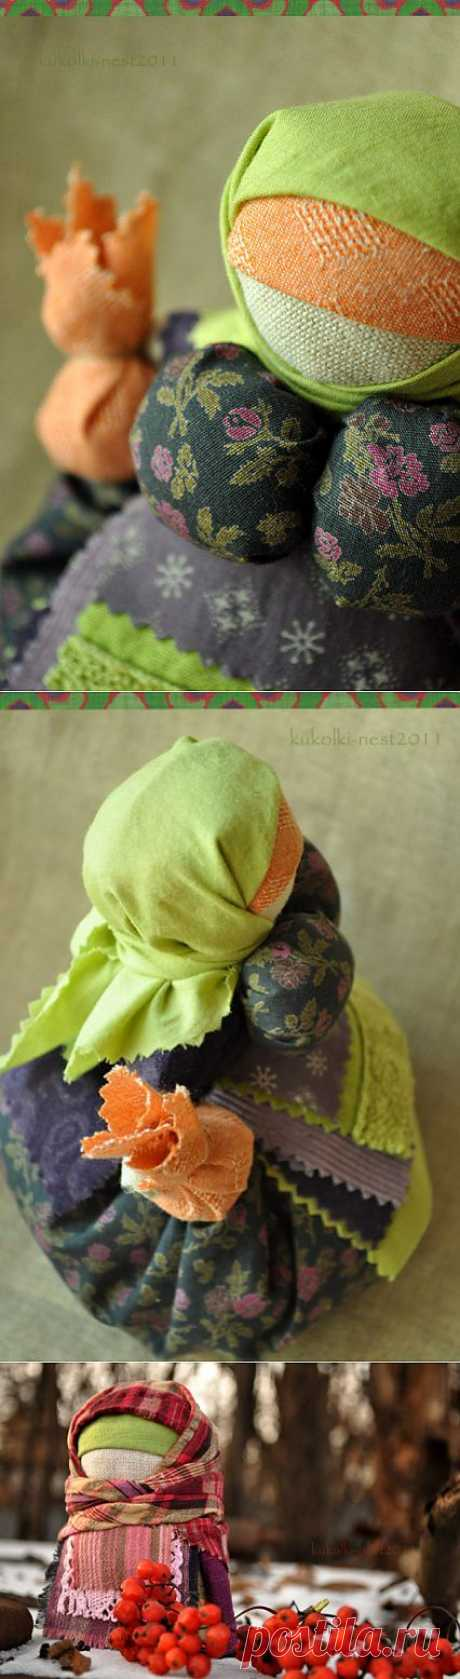 Бабушки:)) Кубышка травница и крупеничка